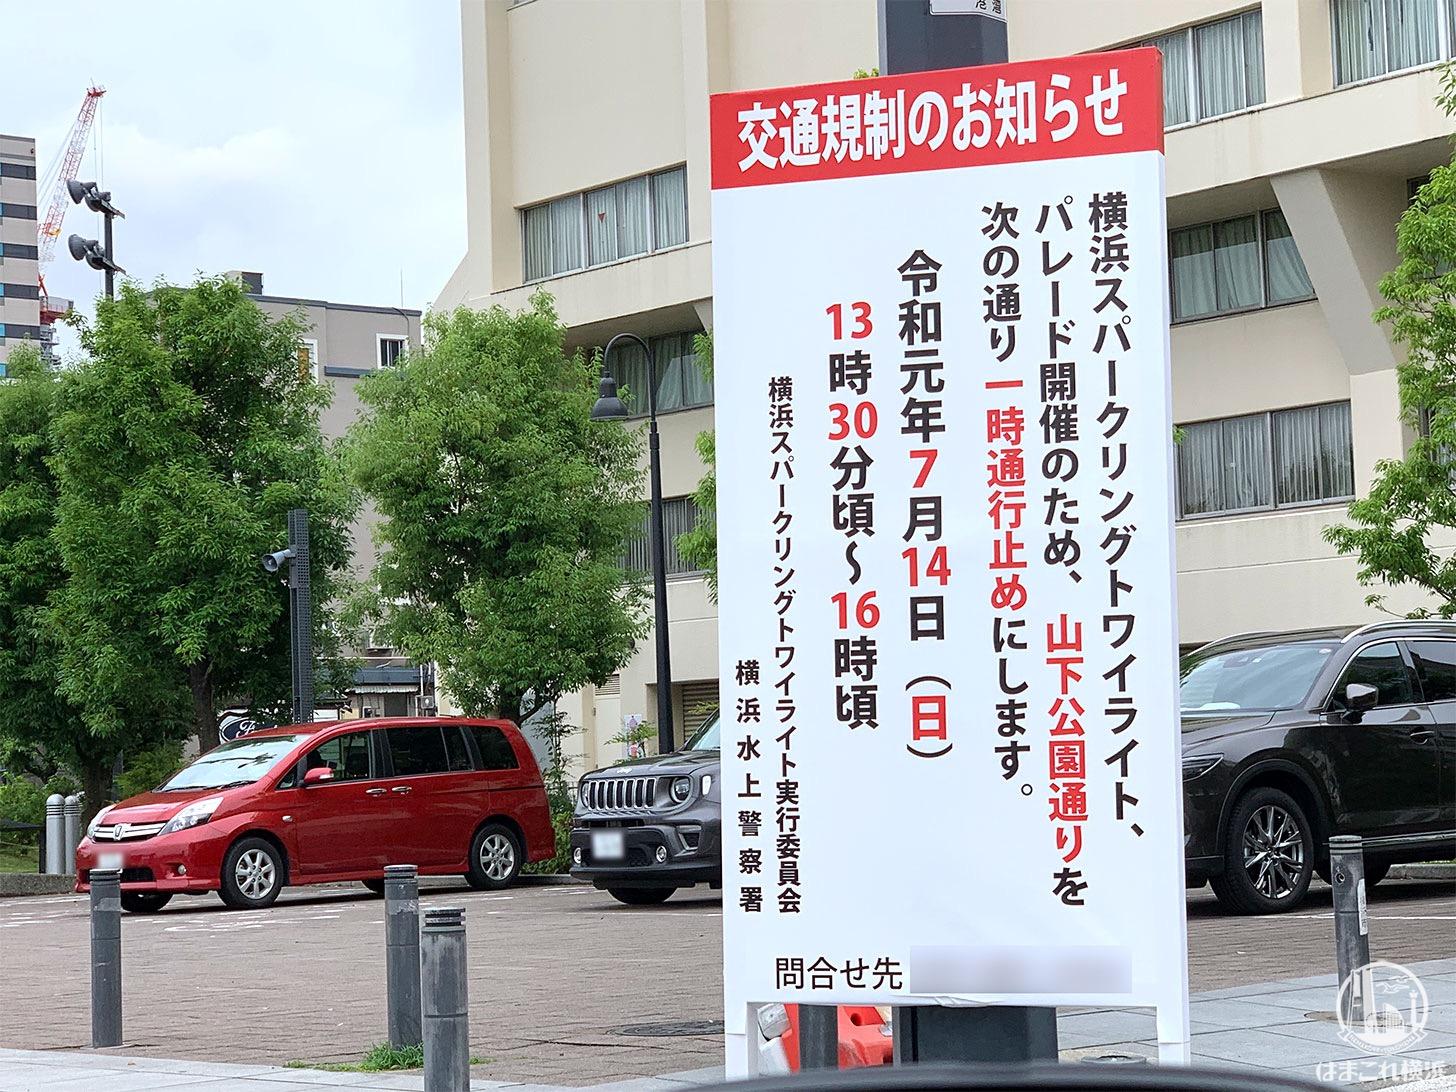 2019年7月14日、横浜スパークリングトワイライトにより山下公園通りで交通規制